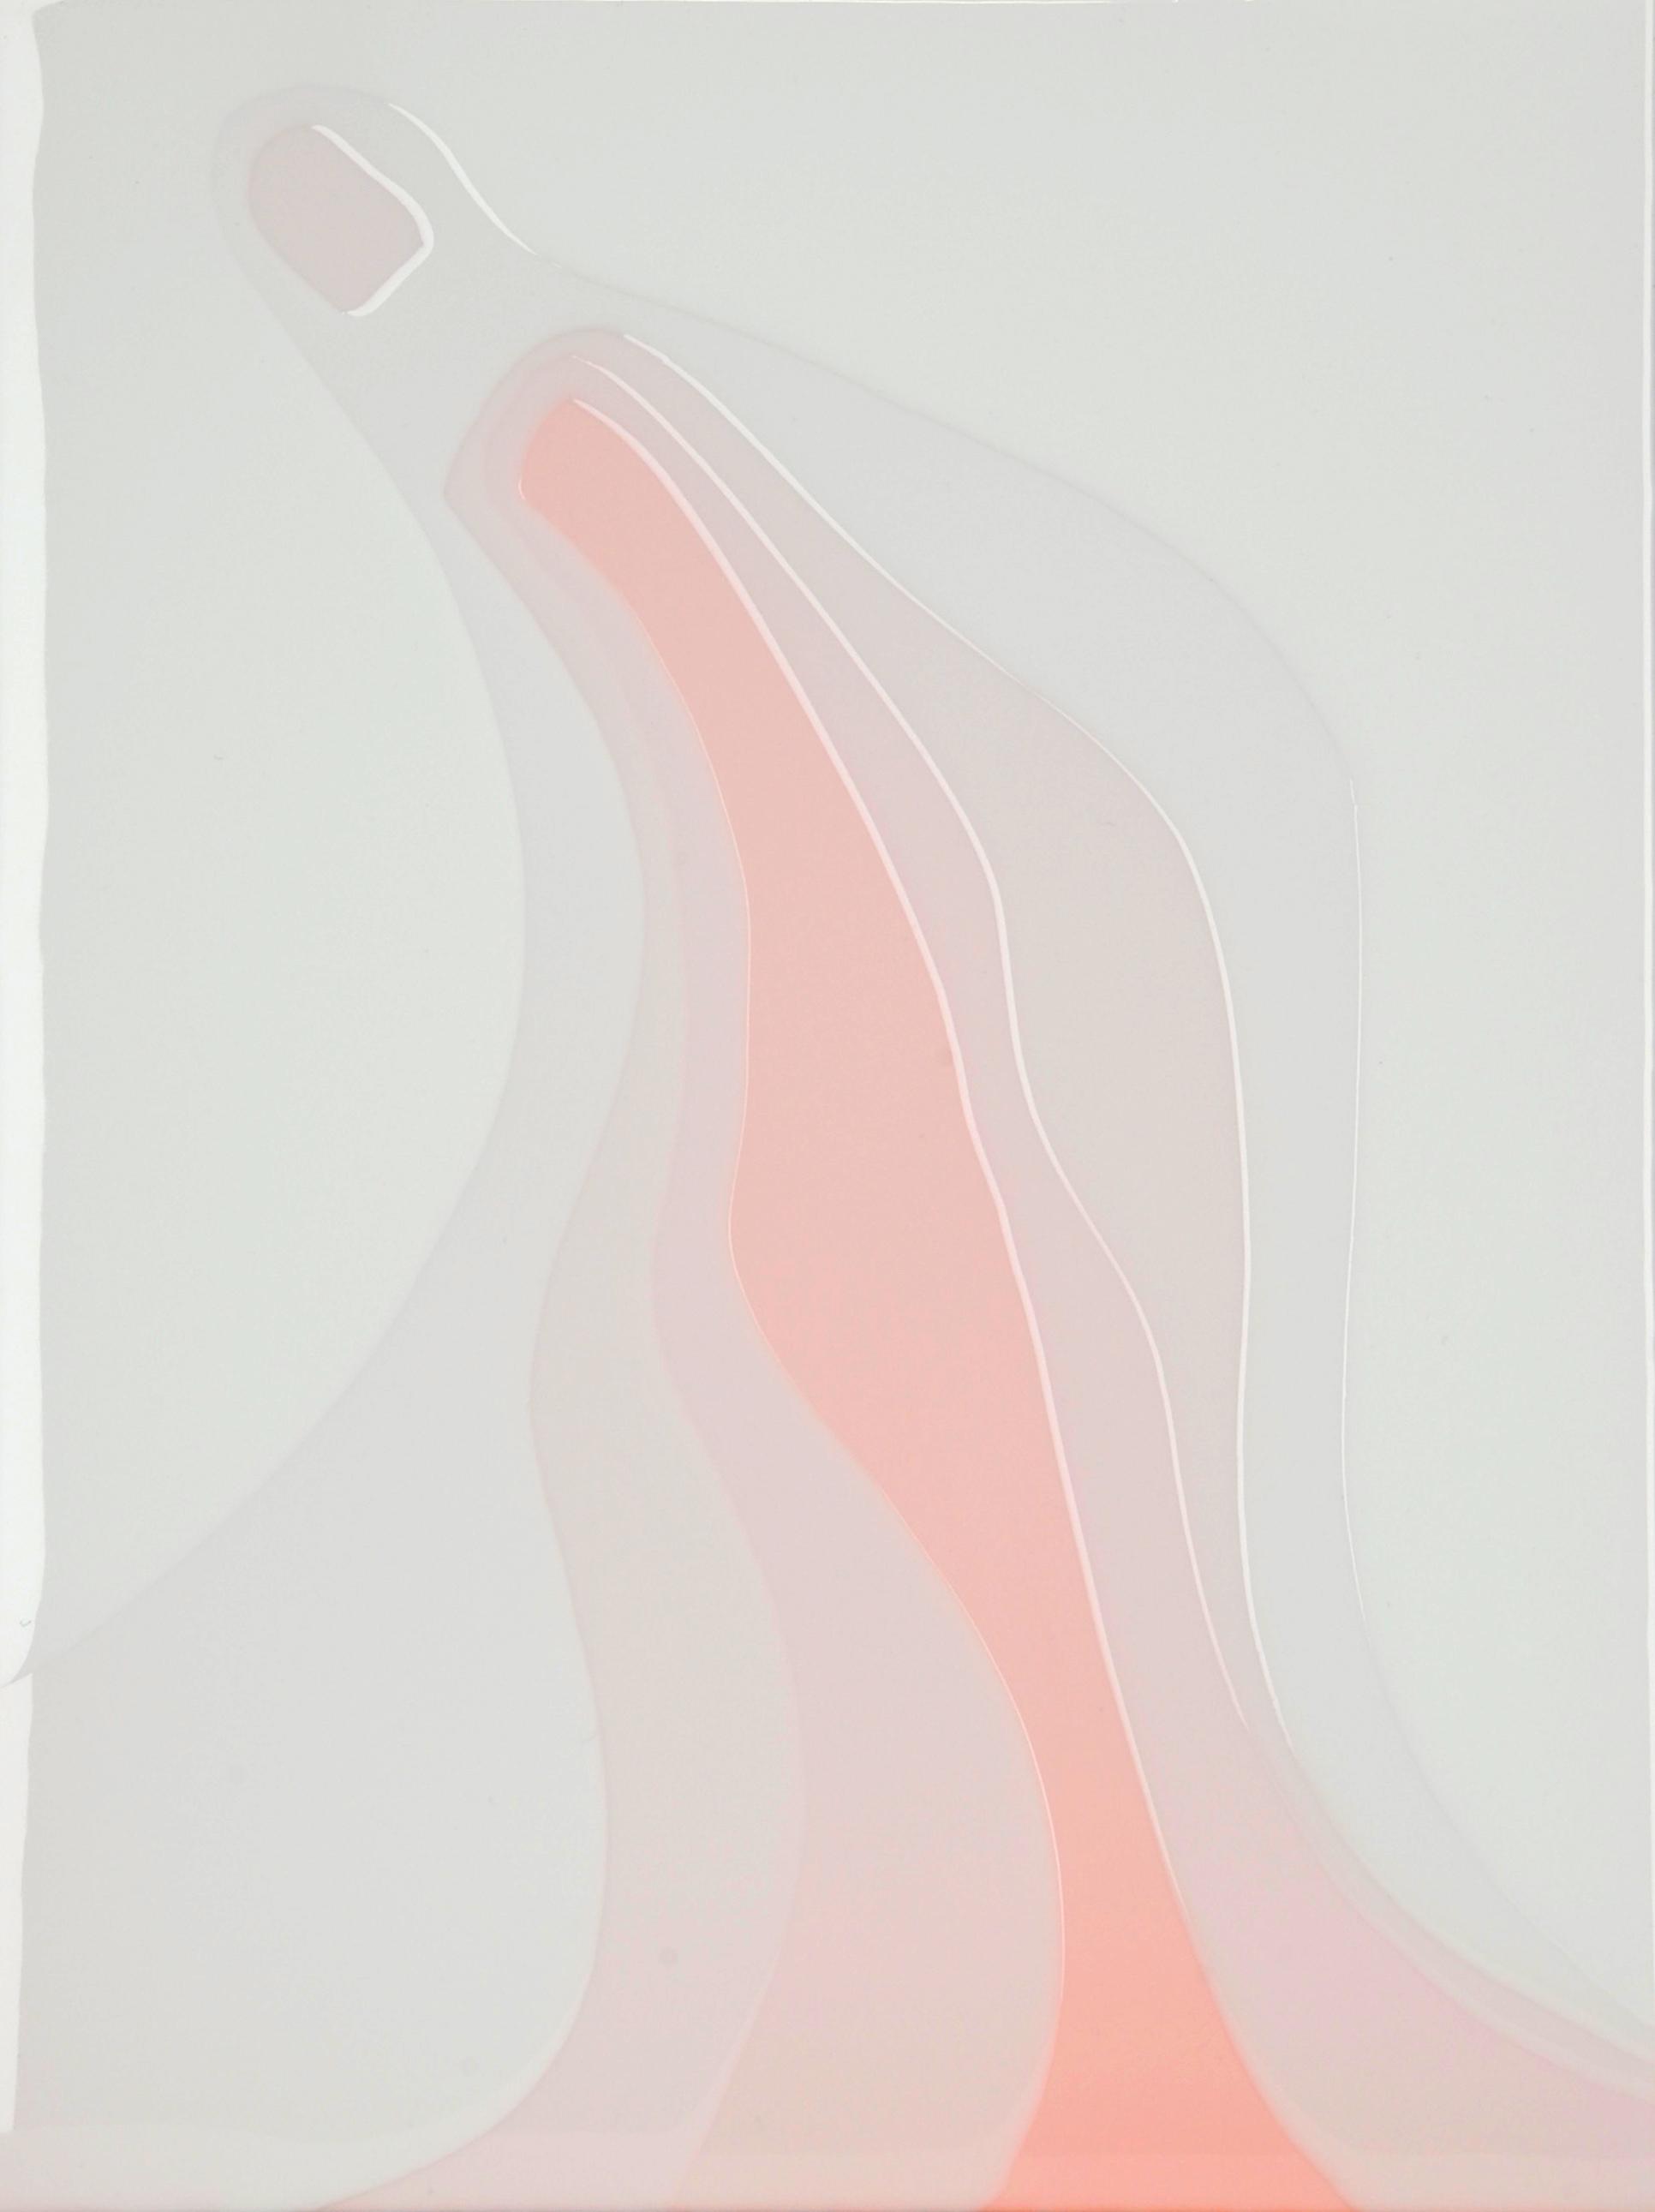 Peter Zimmermann〈#02319〉,2018